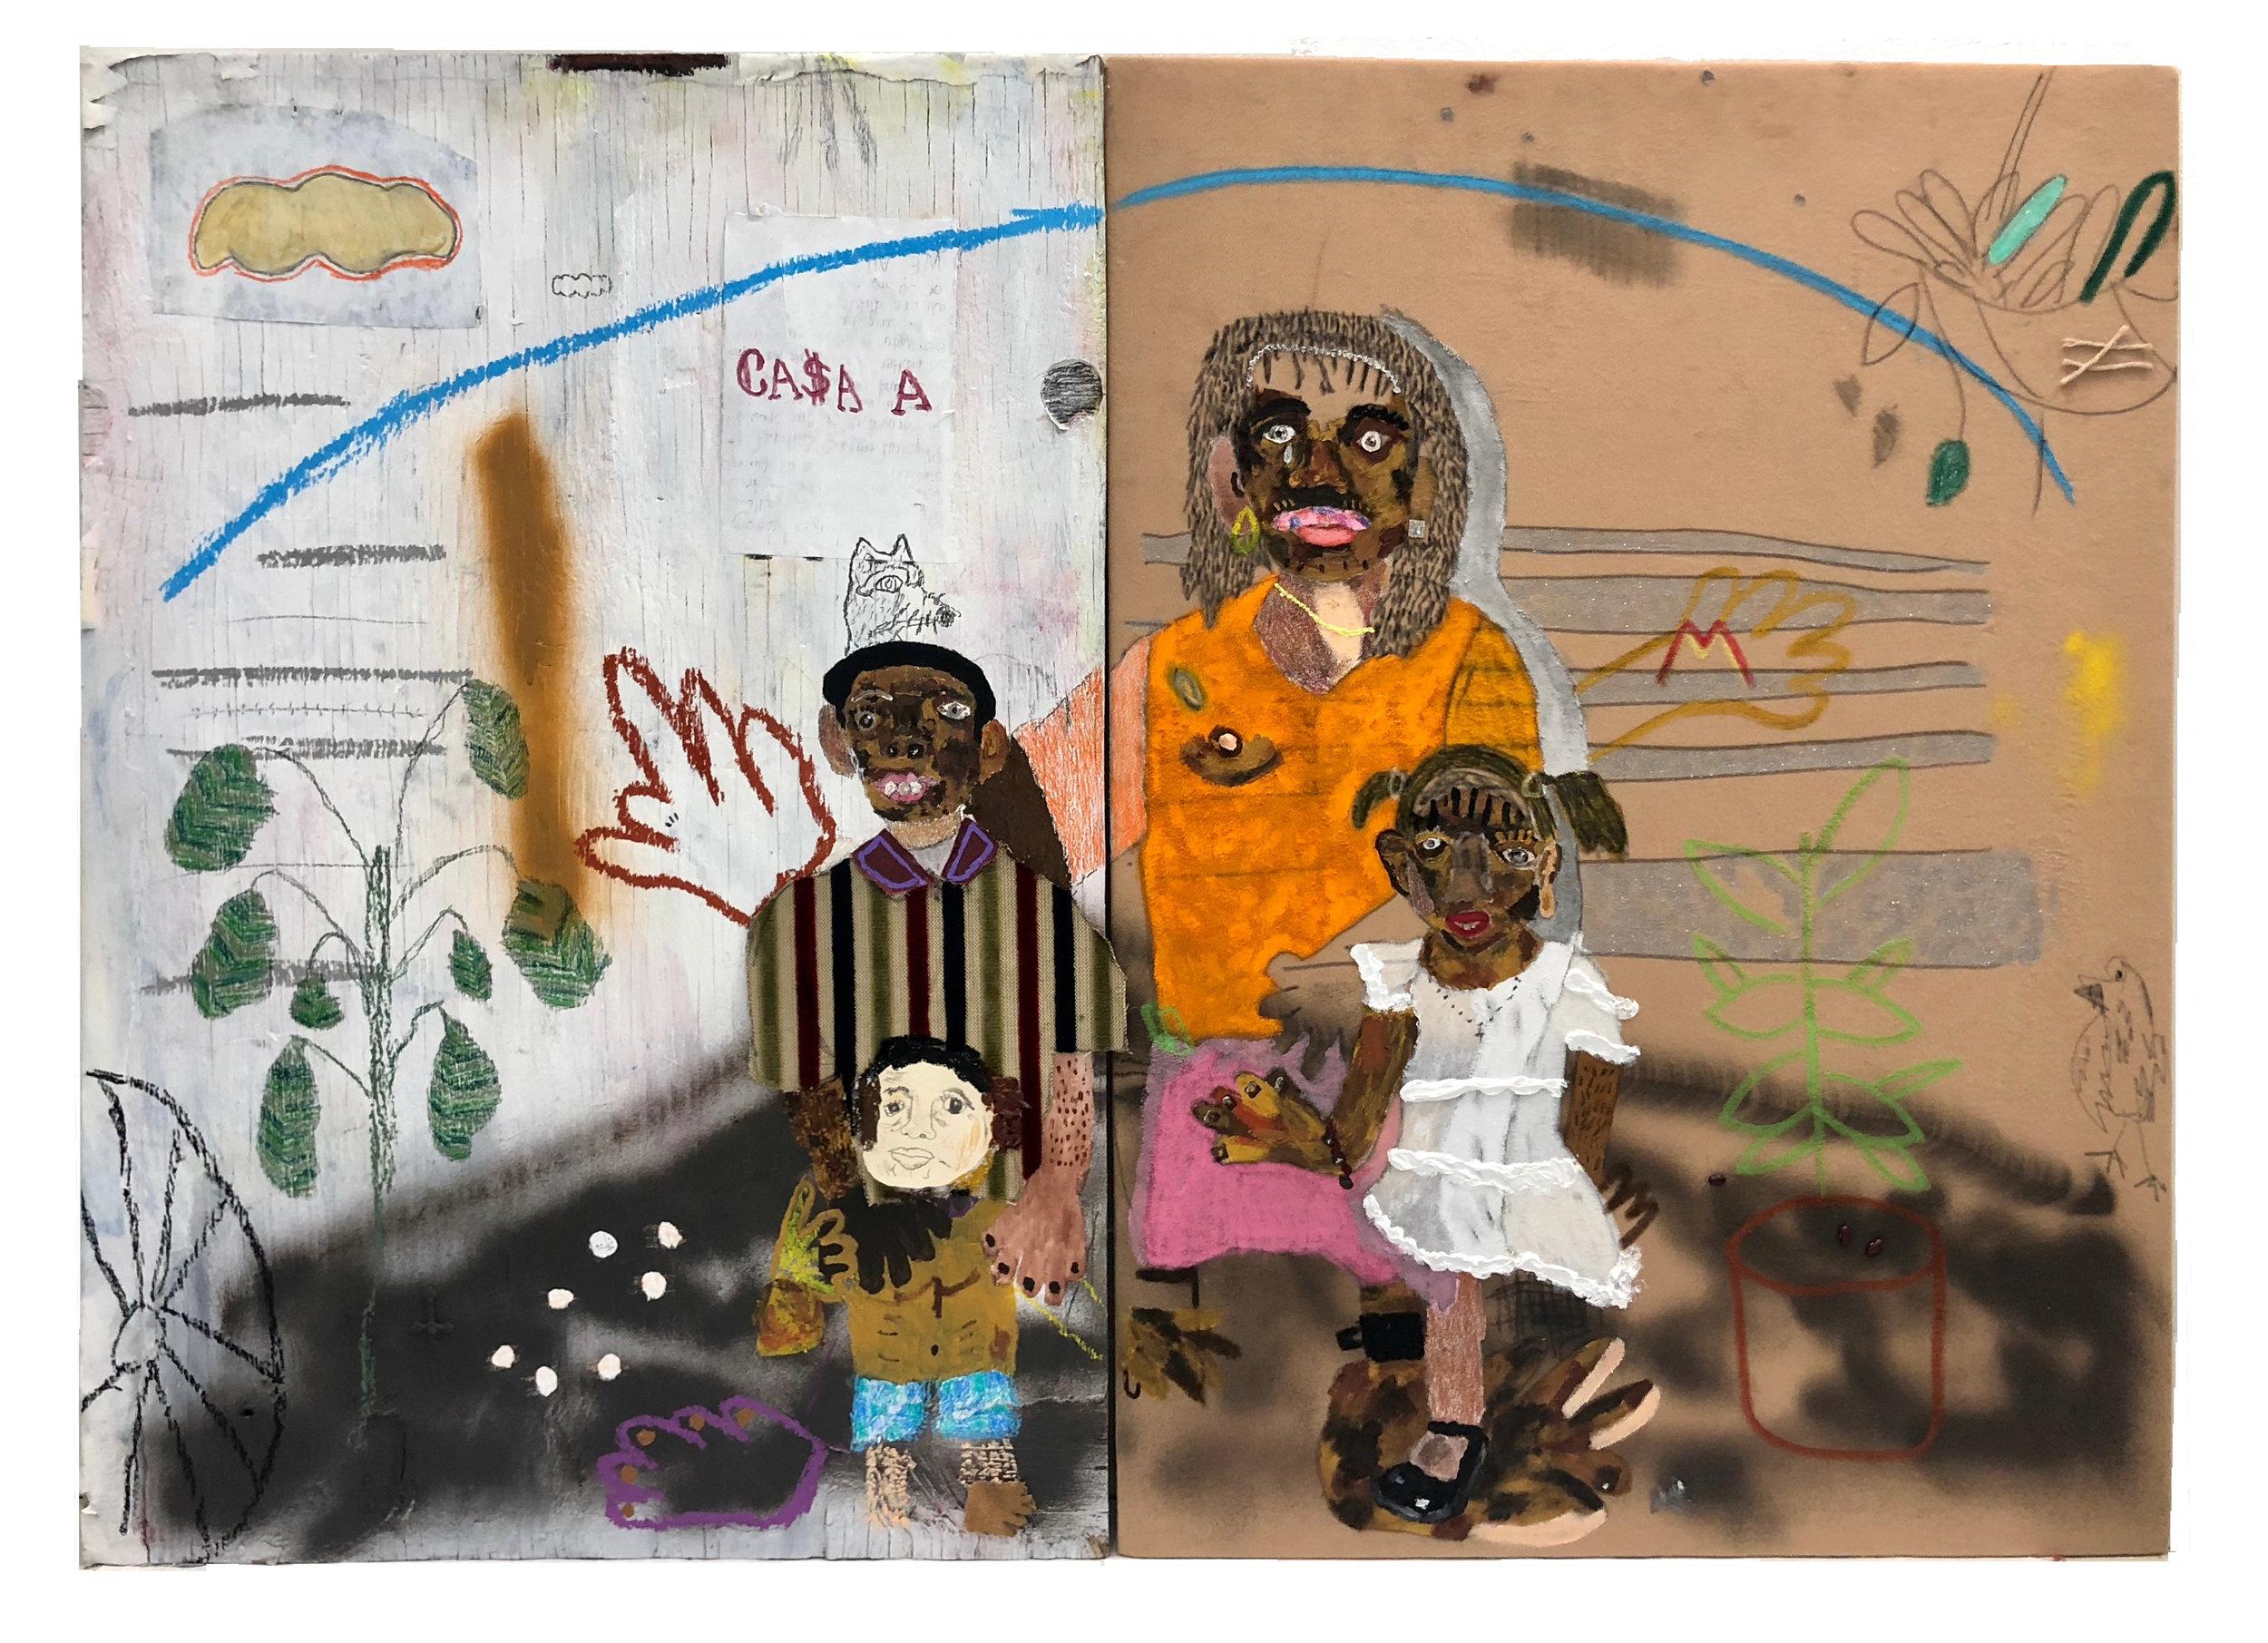 Llegando a la frontera   Mixed media on canvas 36 x 52 in $5,500